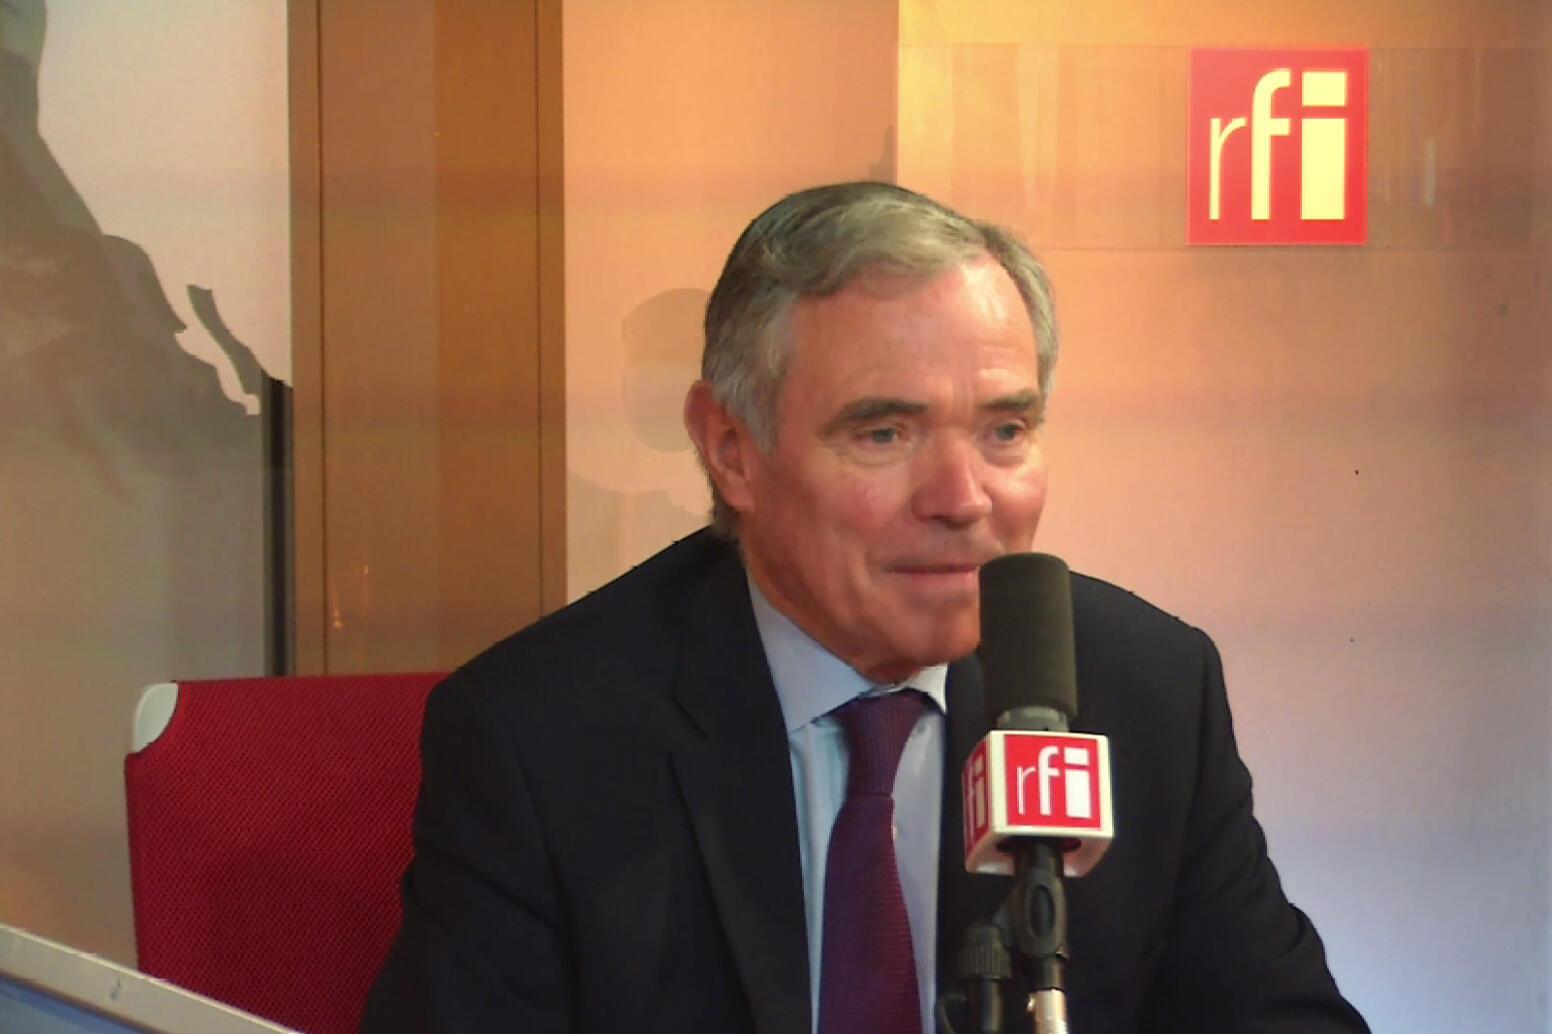 Bernard Accoyer.